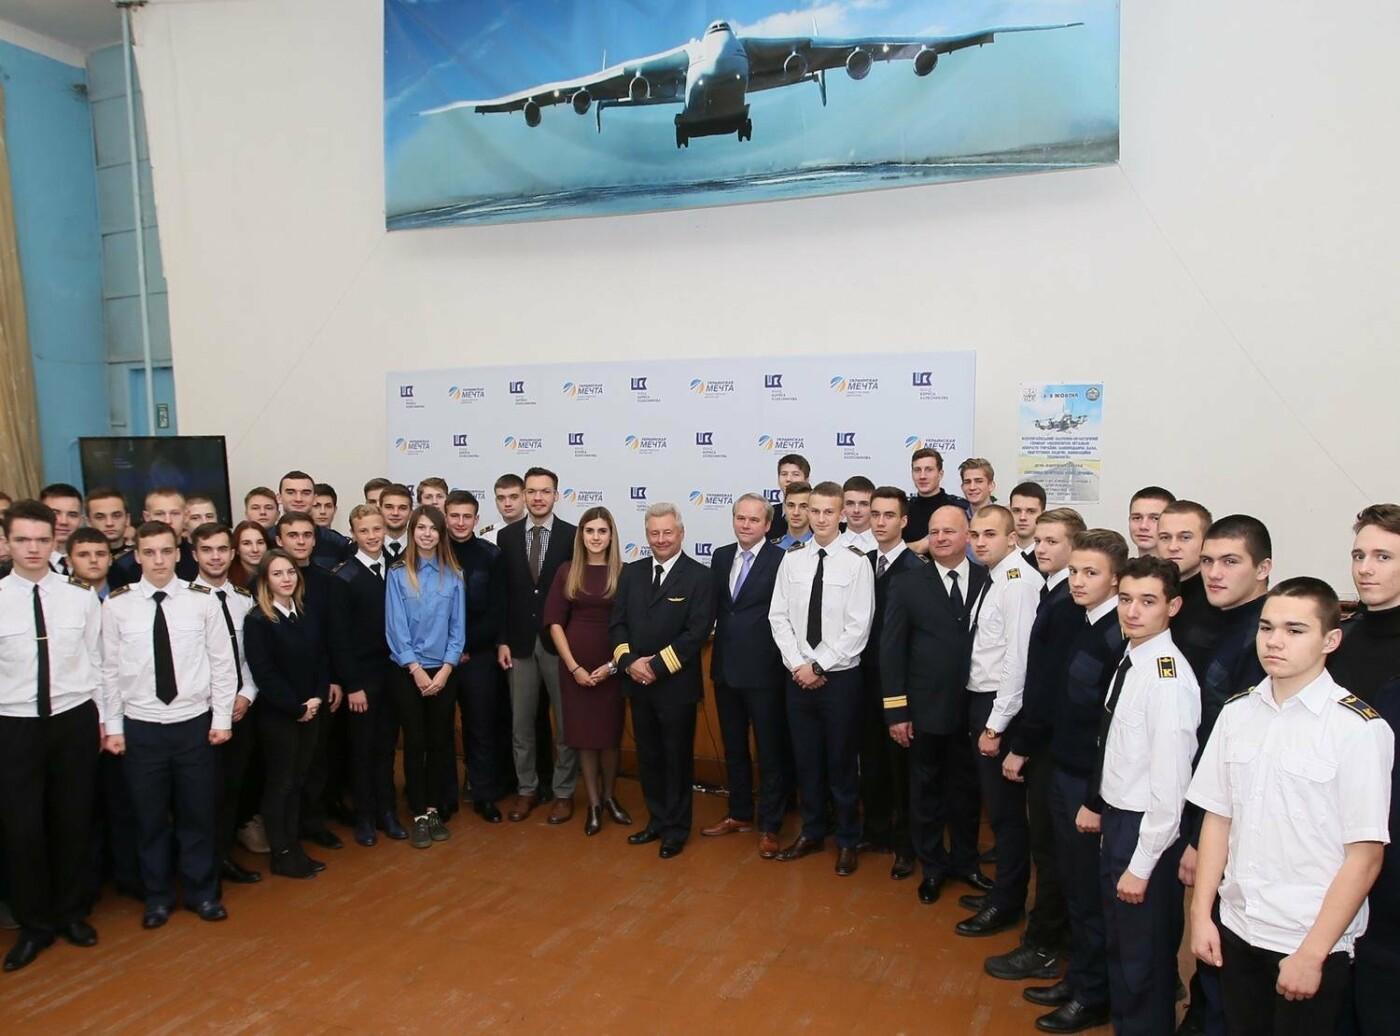 Студенты технических специальностей могут проявить себя в конкурсе «Авиатор 2018», фото-3